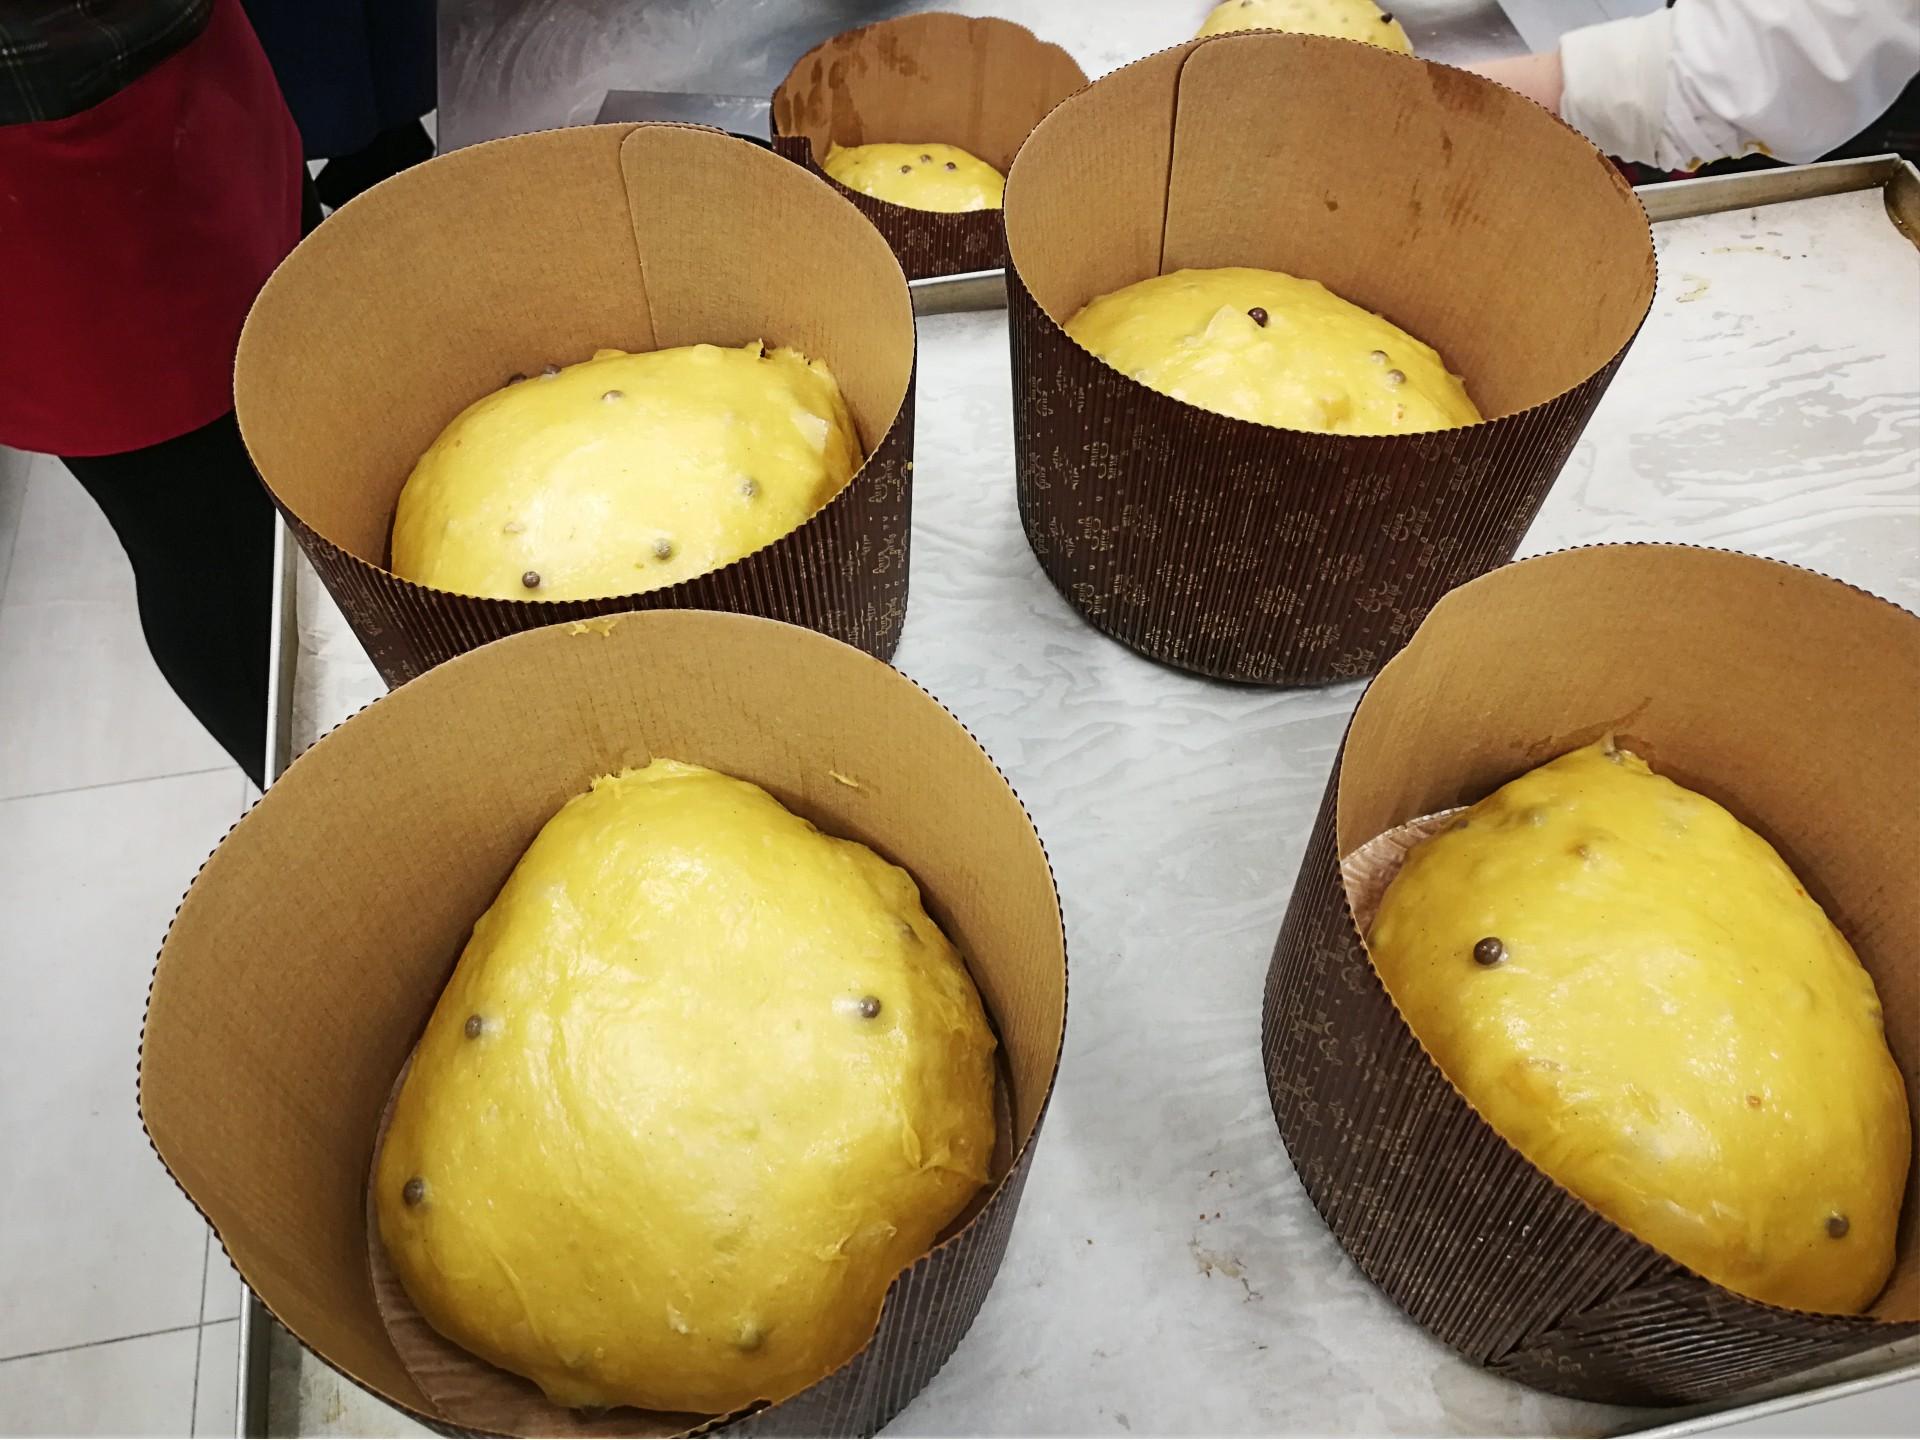 mekano pro, eiffel bakery